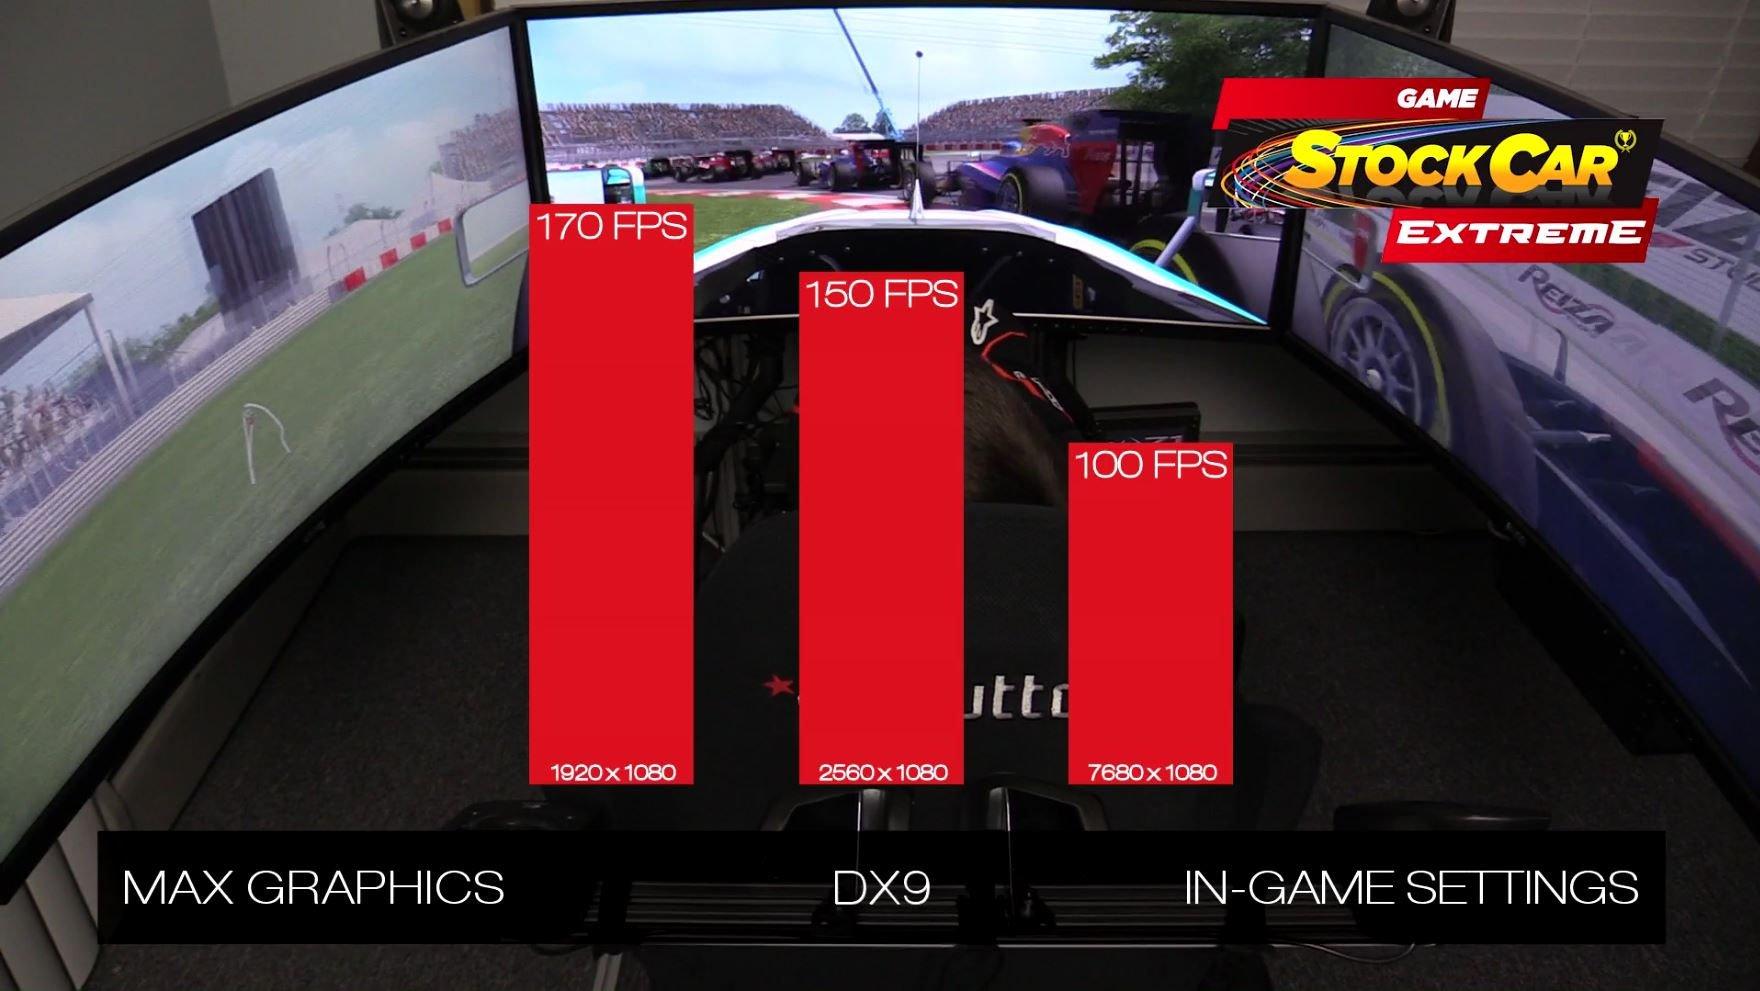 Stock Car Extreme benchmark EVGA GTX 970 FTW+